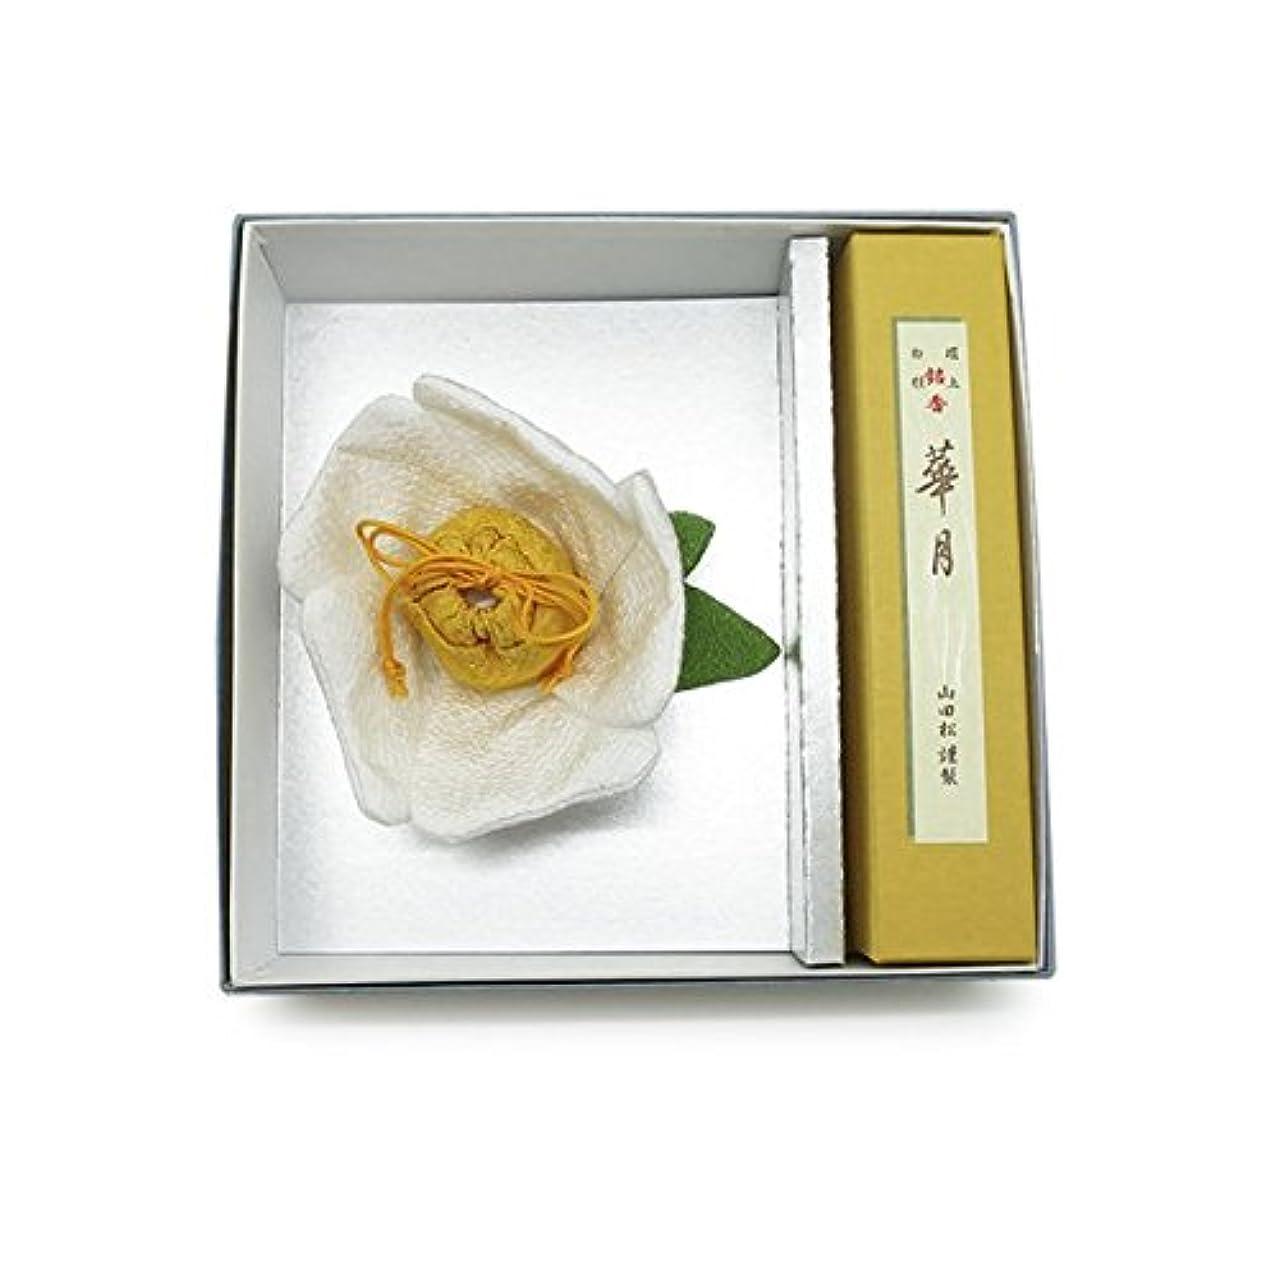 仕方違反平凡京の香り 沙羅双樹セット